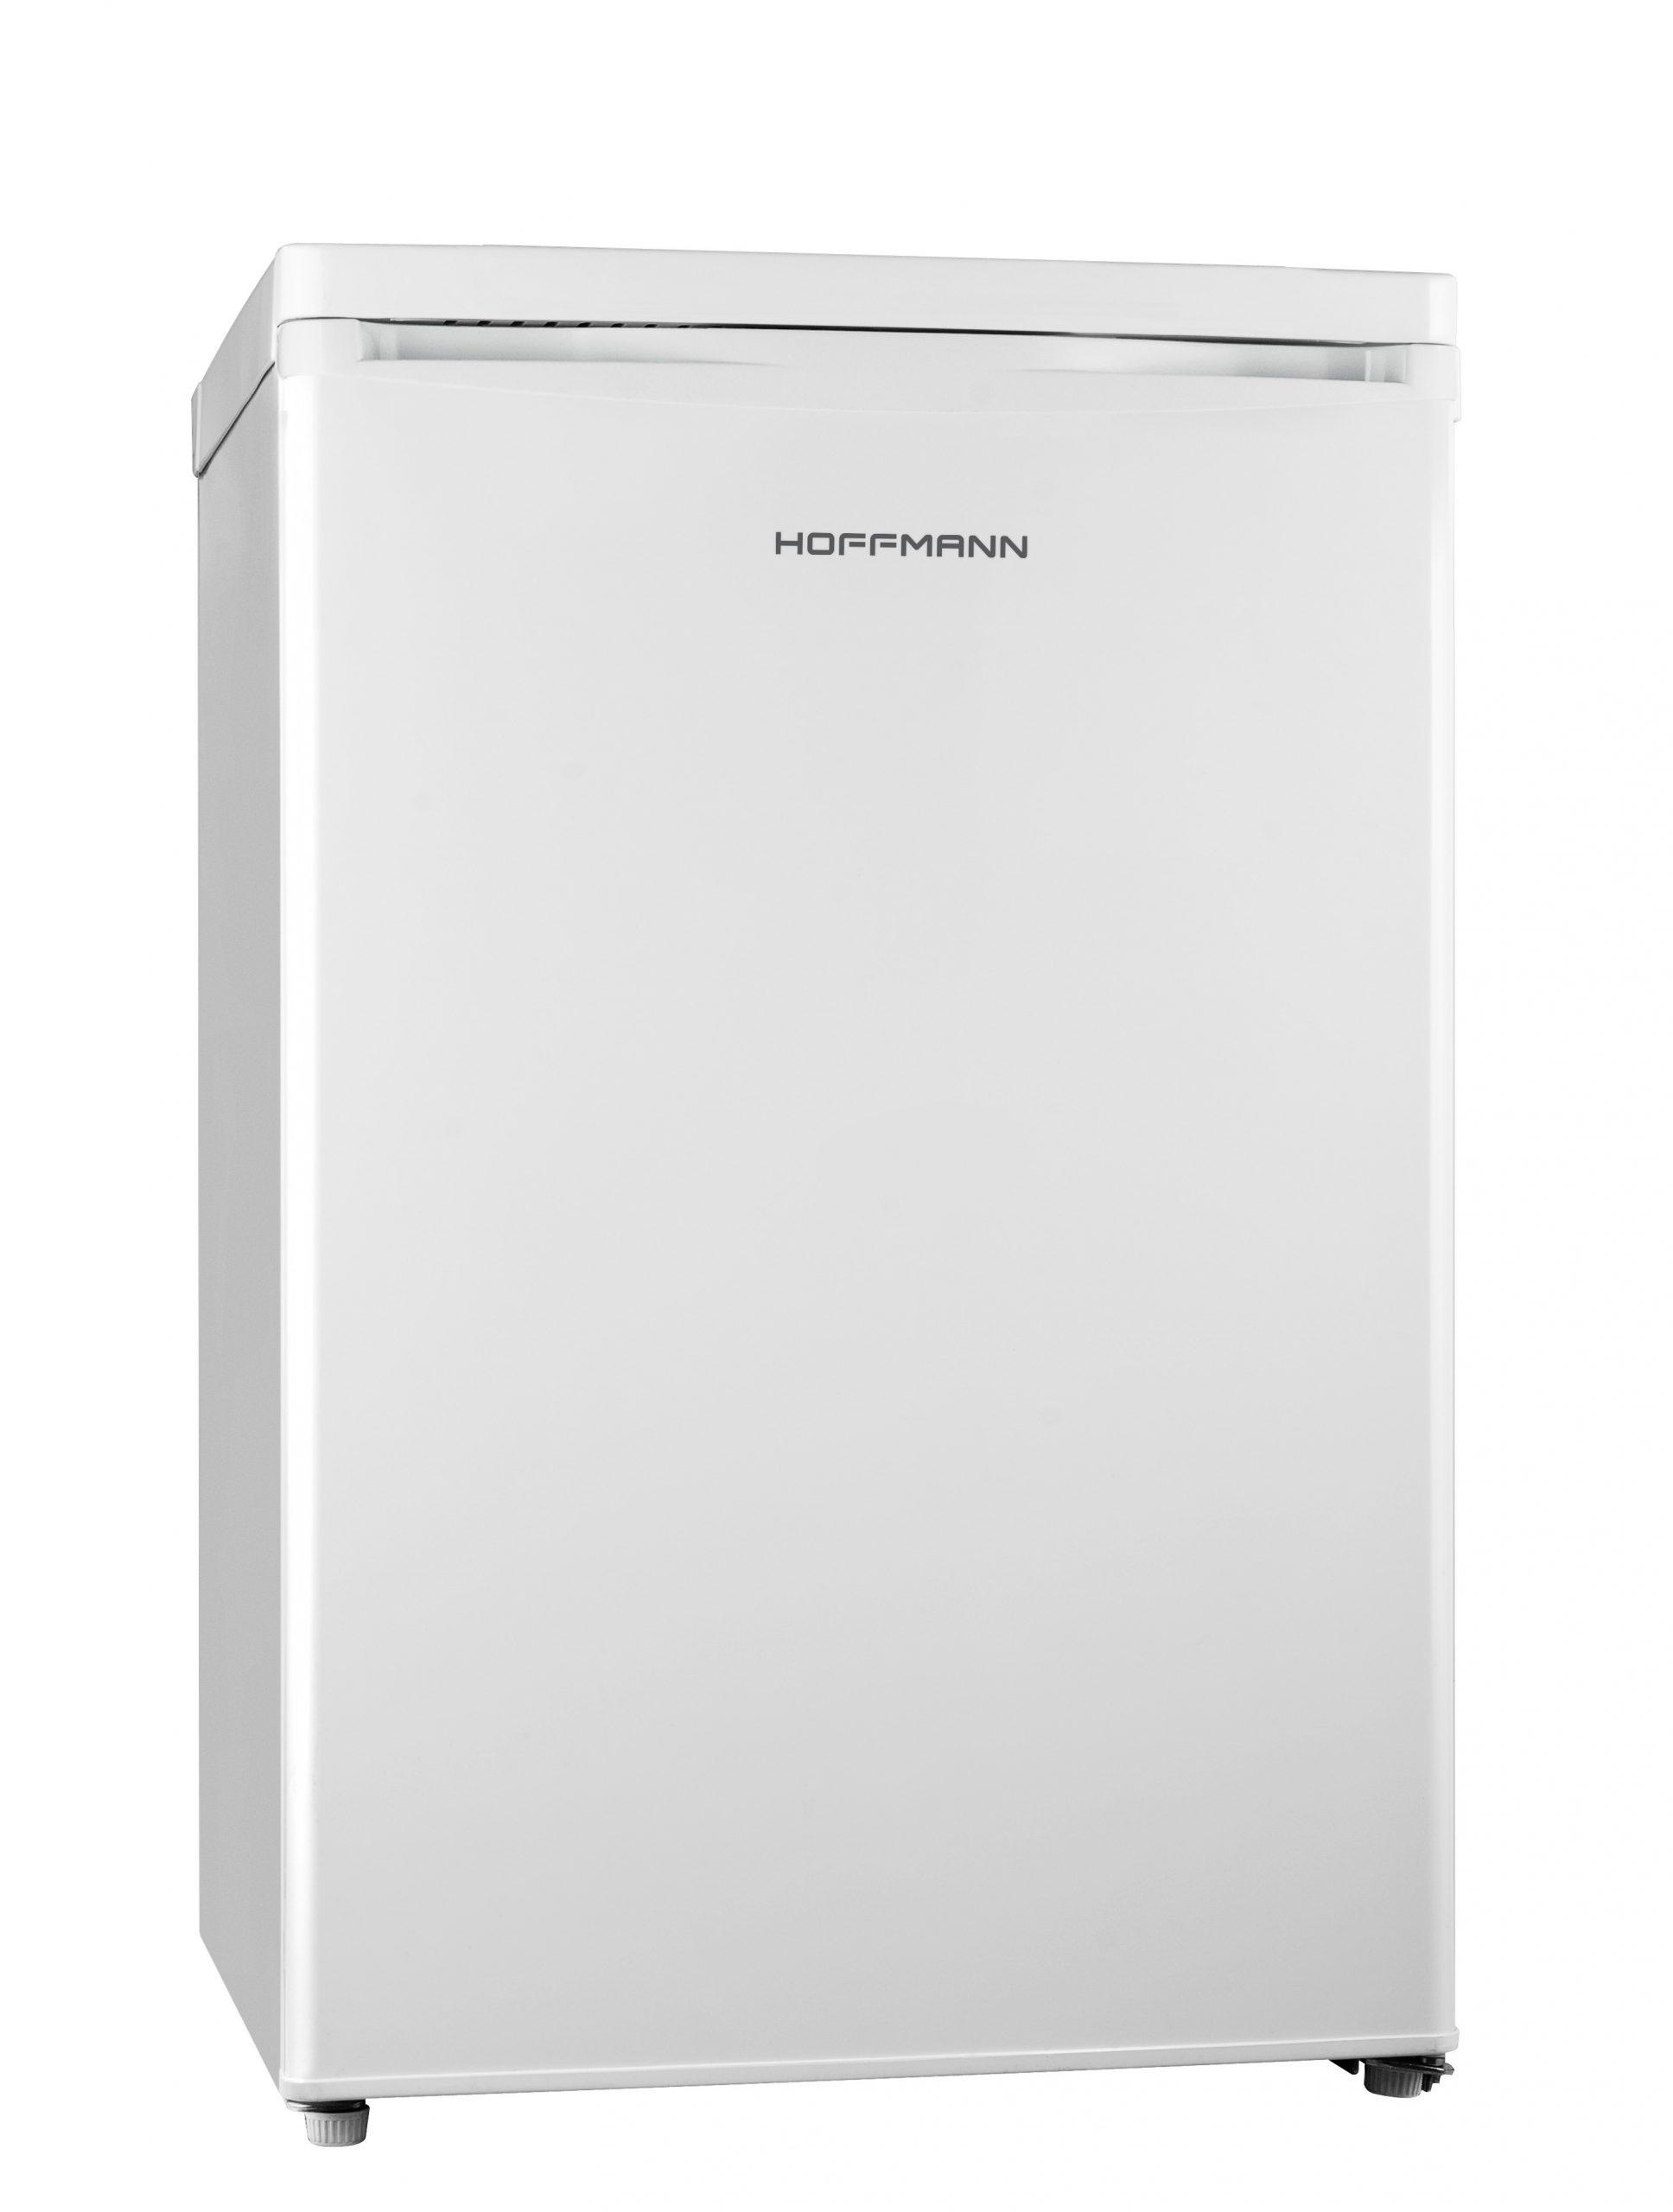 Холодильник HOFFMANN DF-85W  - 1